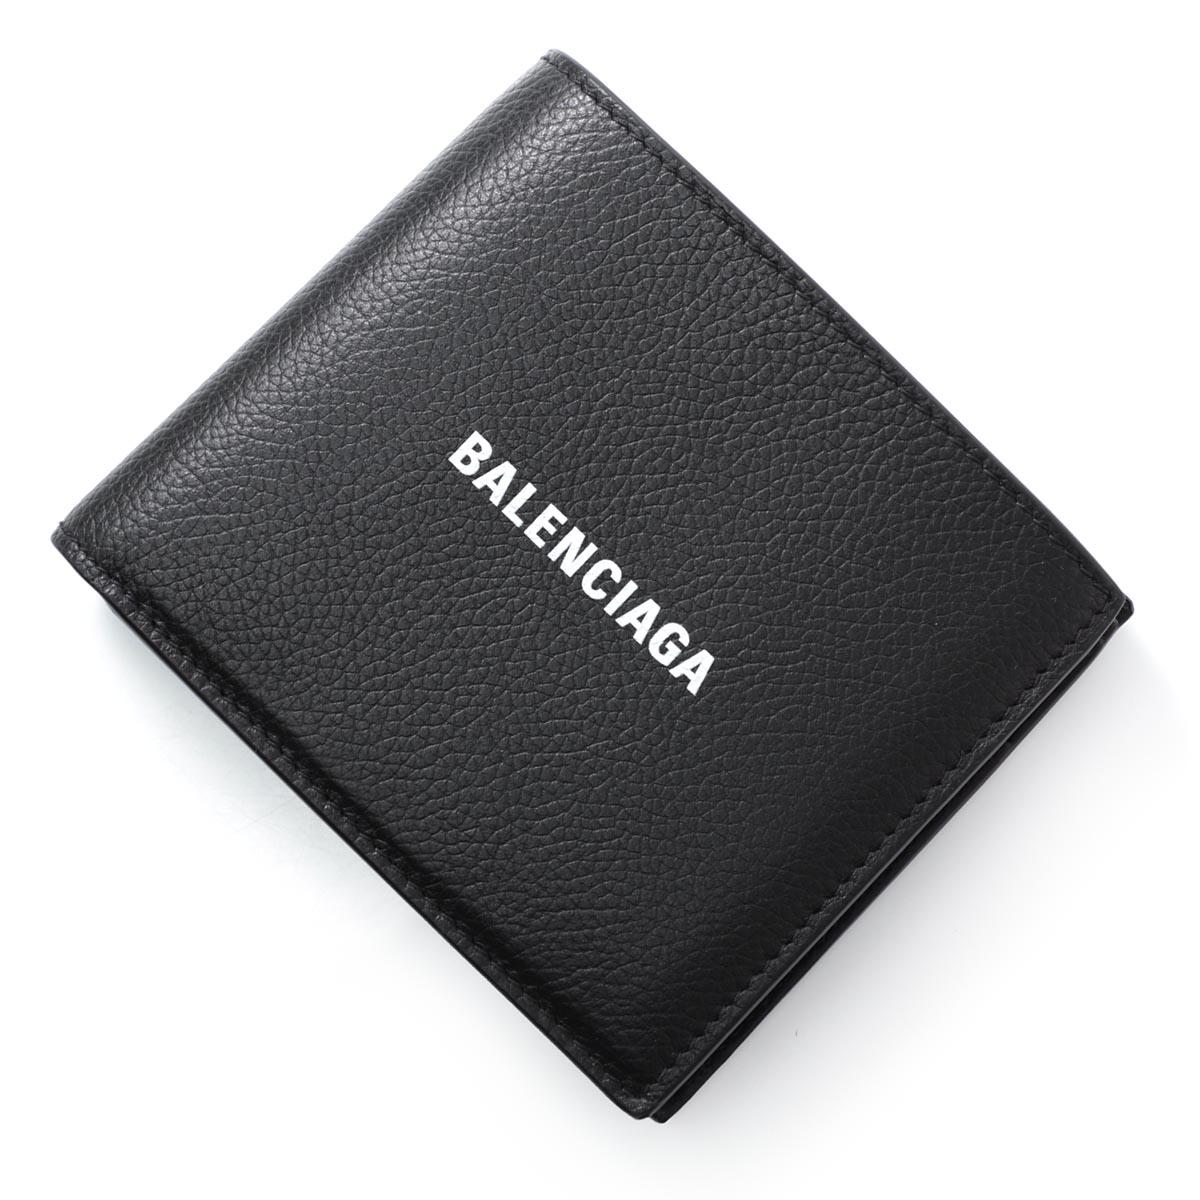 バレンシアガ BALENCIAGA 2つ折り財布 小銭入れ付き ブラック メンズ ギフト プレゼント 594315 1iz43 1090【あす楽対応_関東】【返品送料無料】【ラッピング無料】